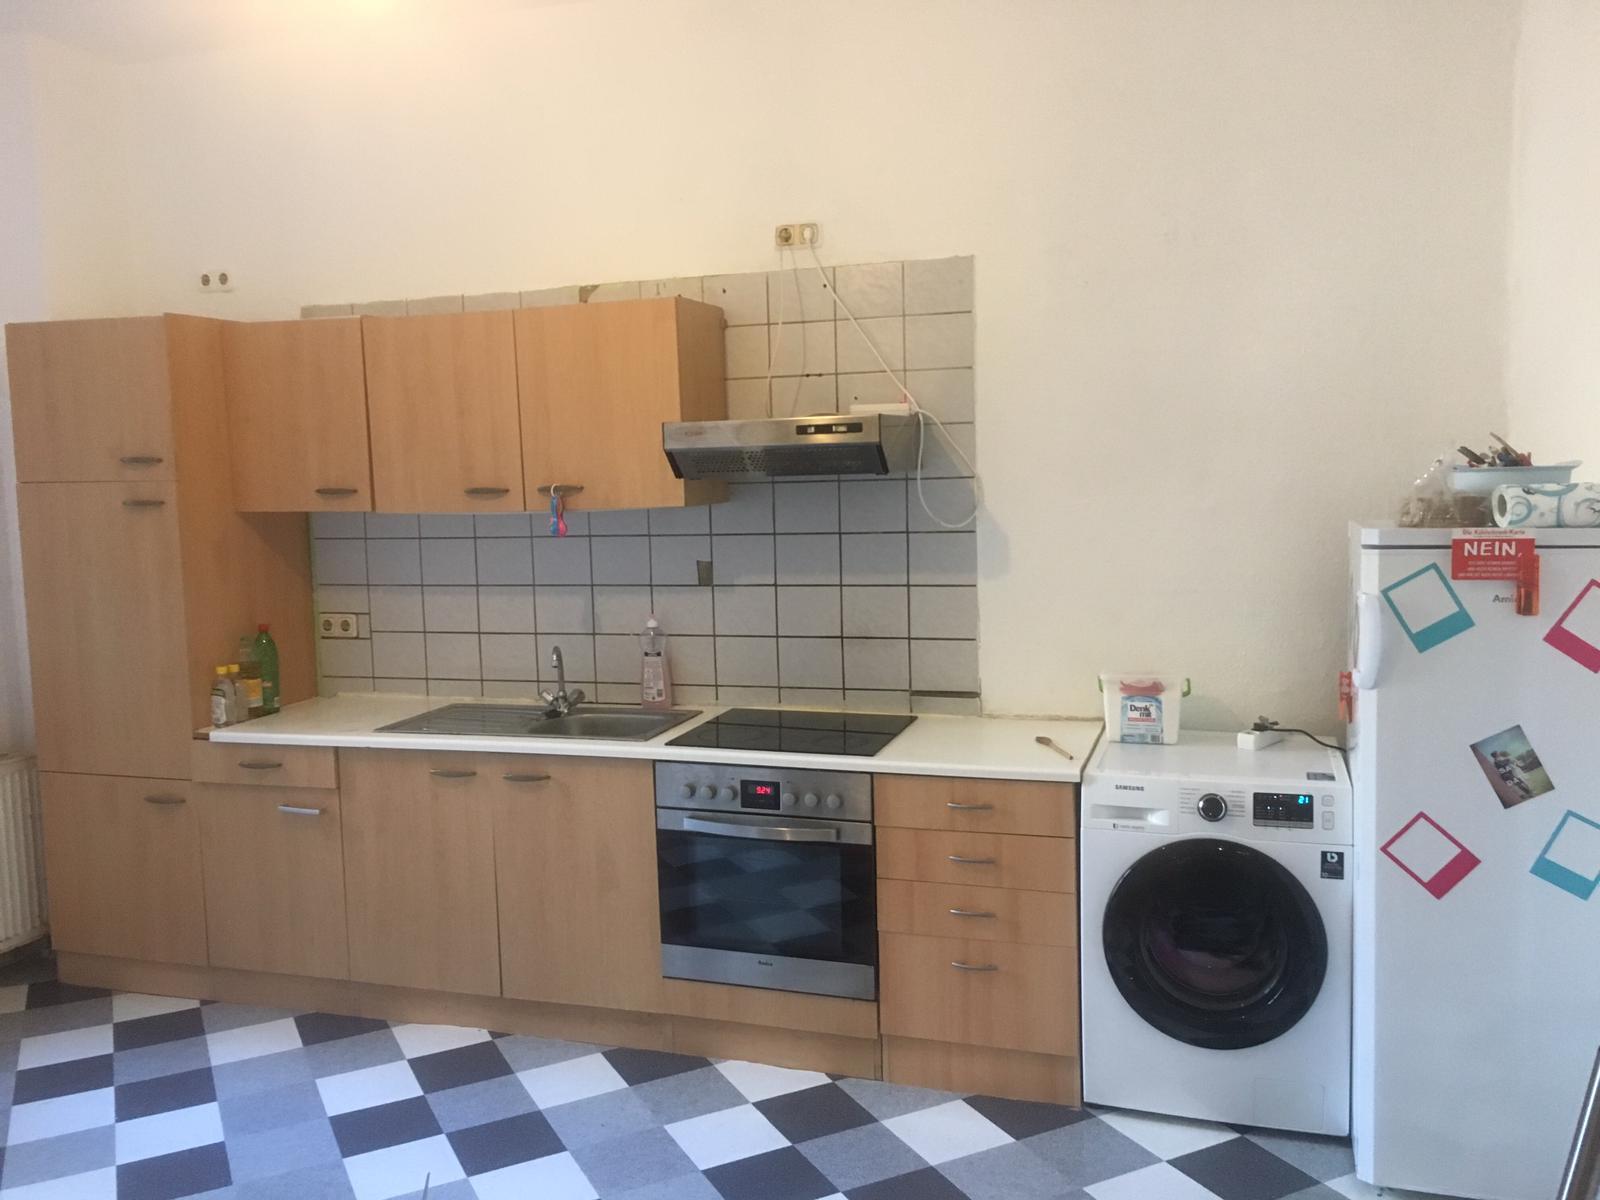 Ein neuer Boden und neue Farbe für die Küche - Froschkönige